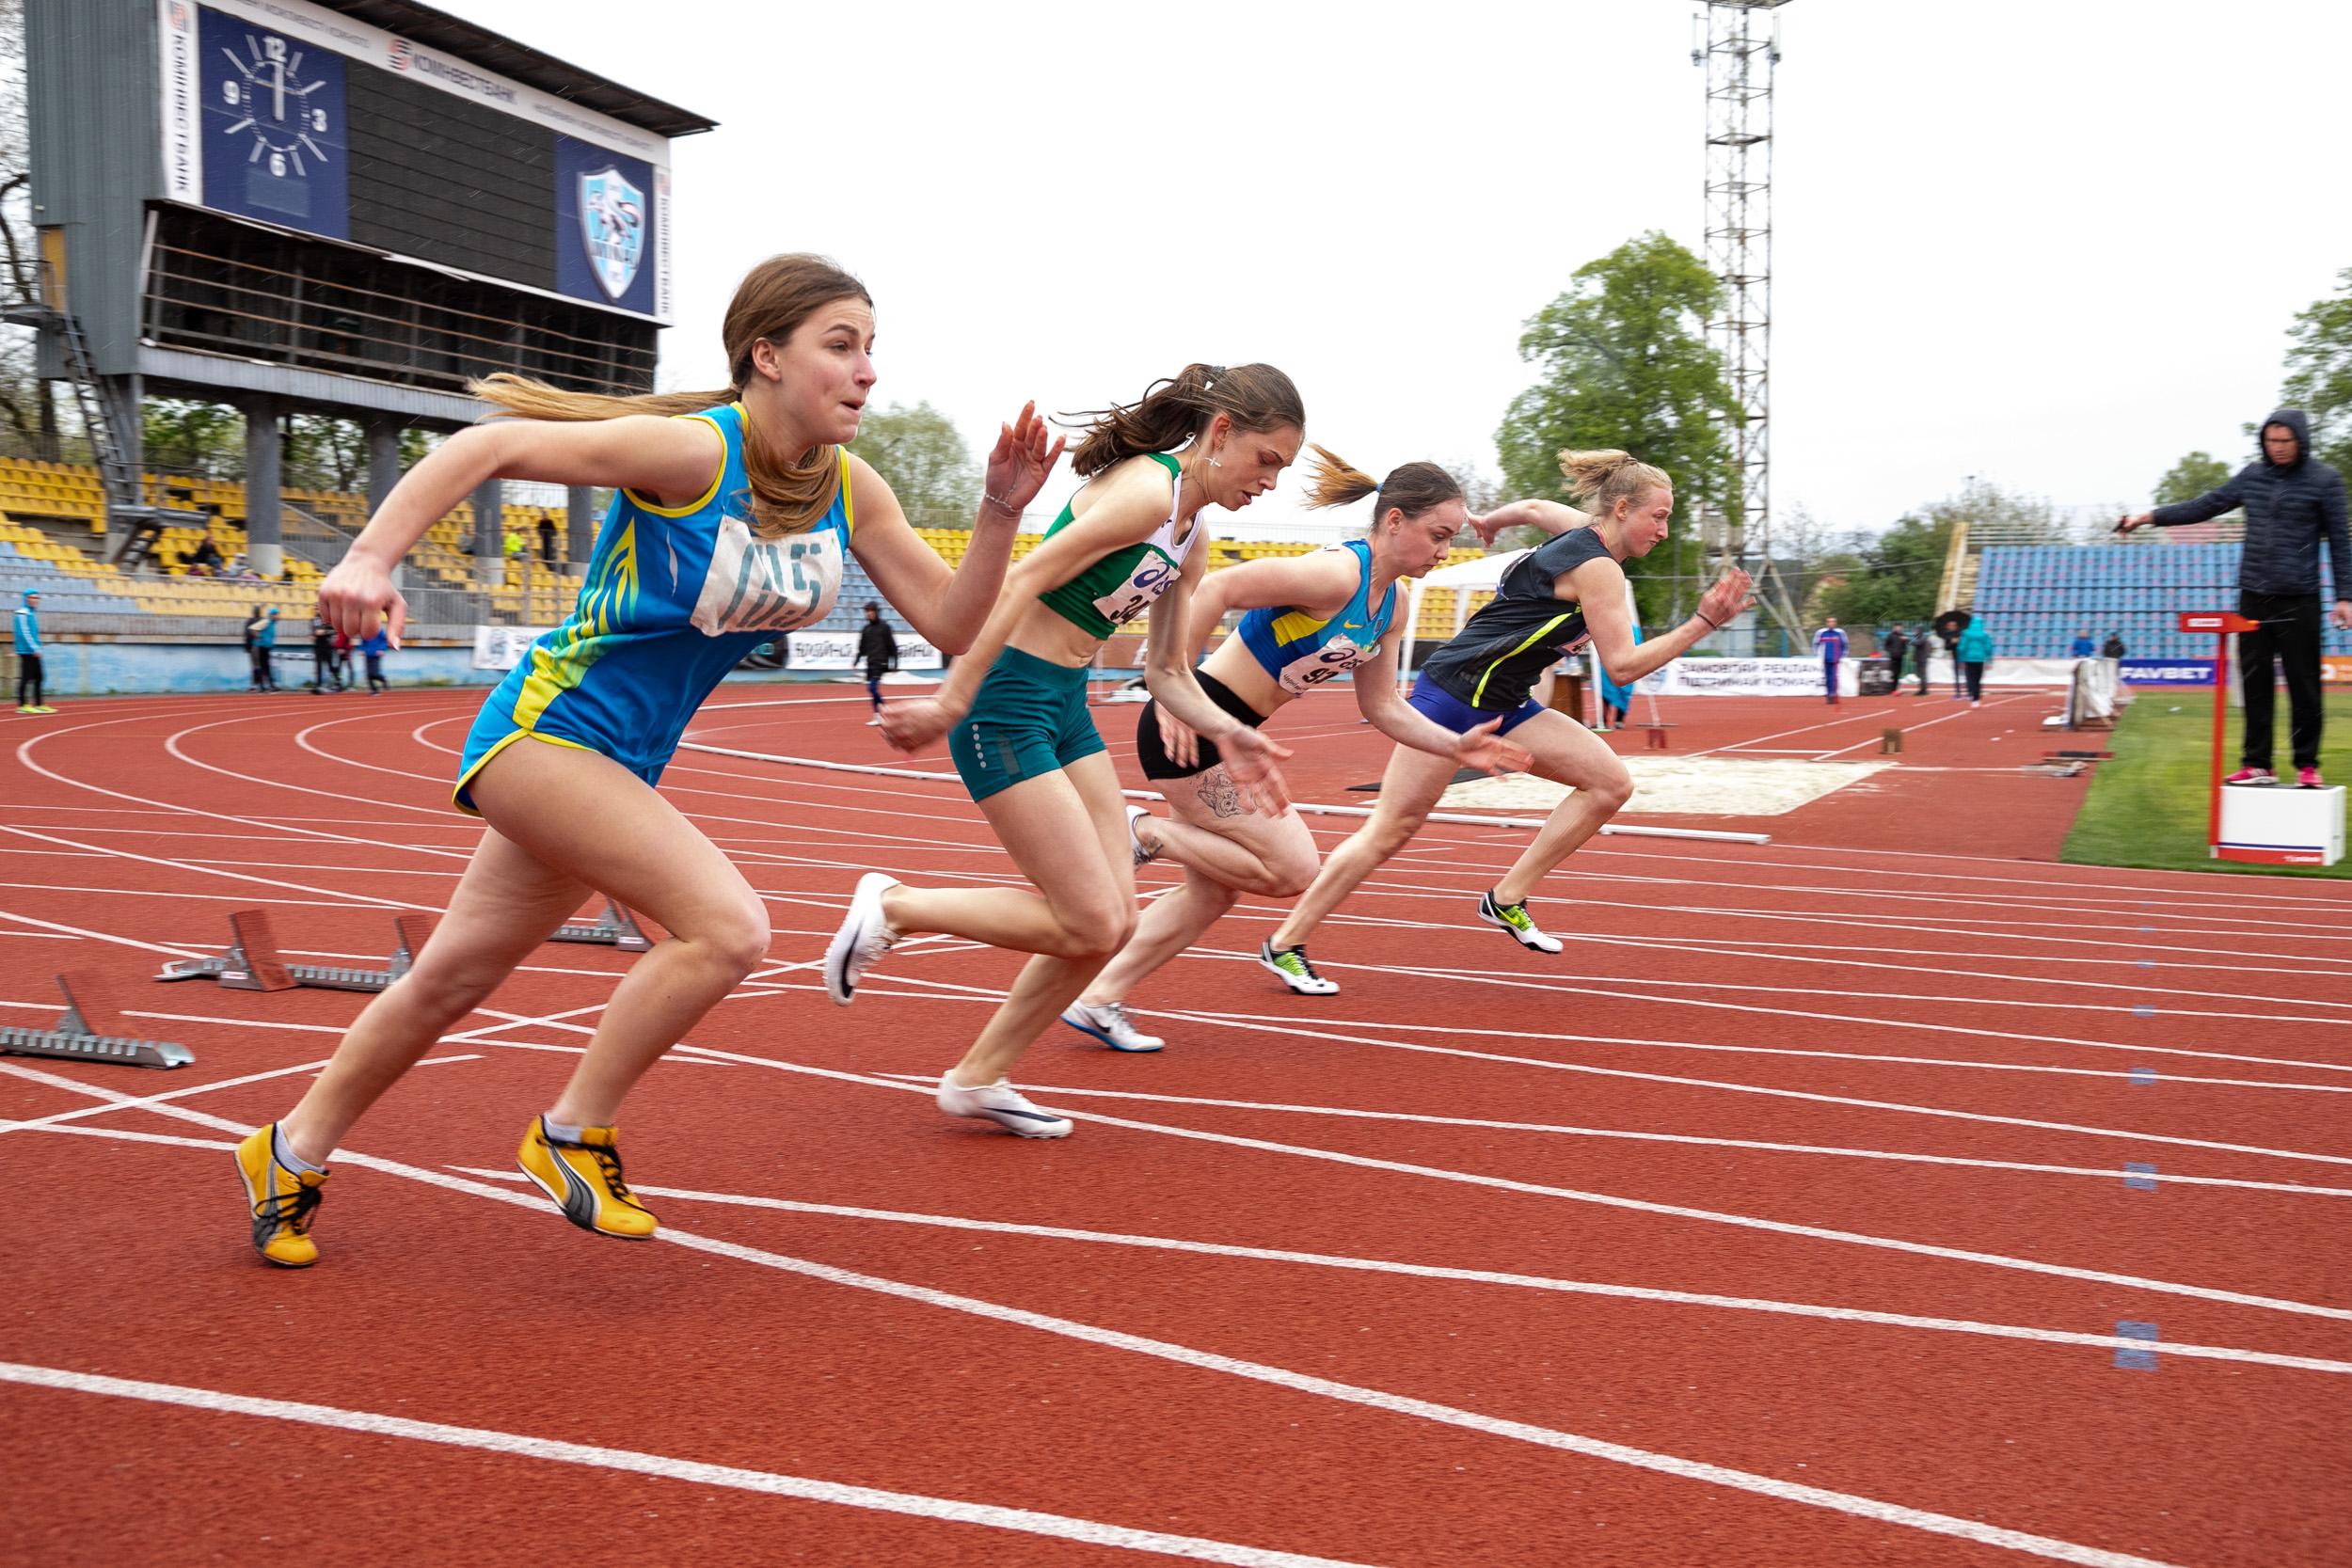 Стартували 59-і Міжнародні змагання з легкої атлетики Кубок «Дружба».